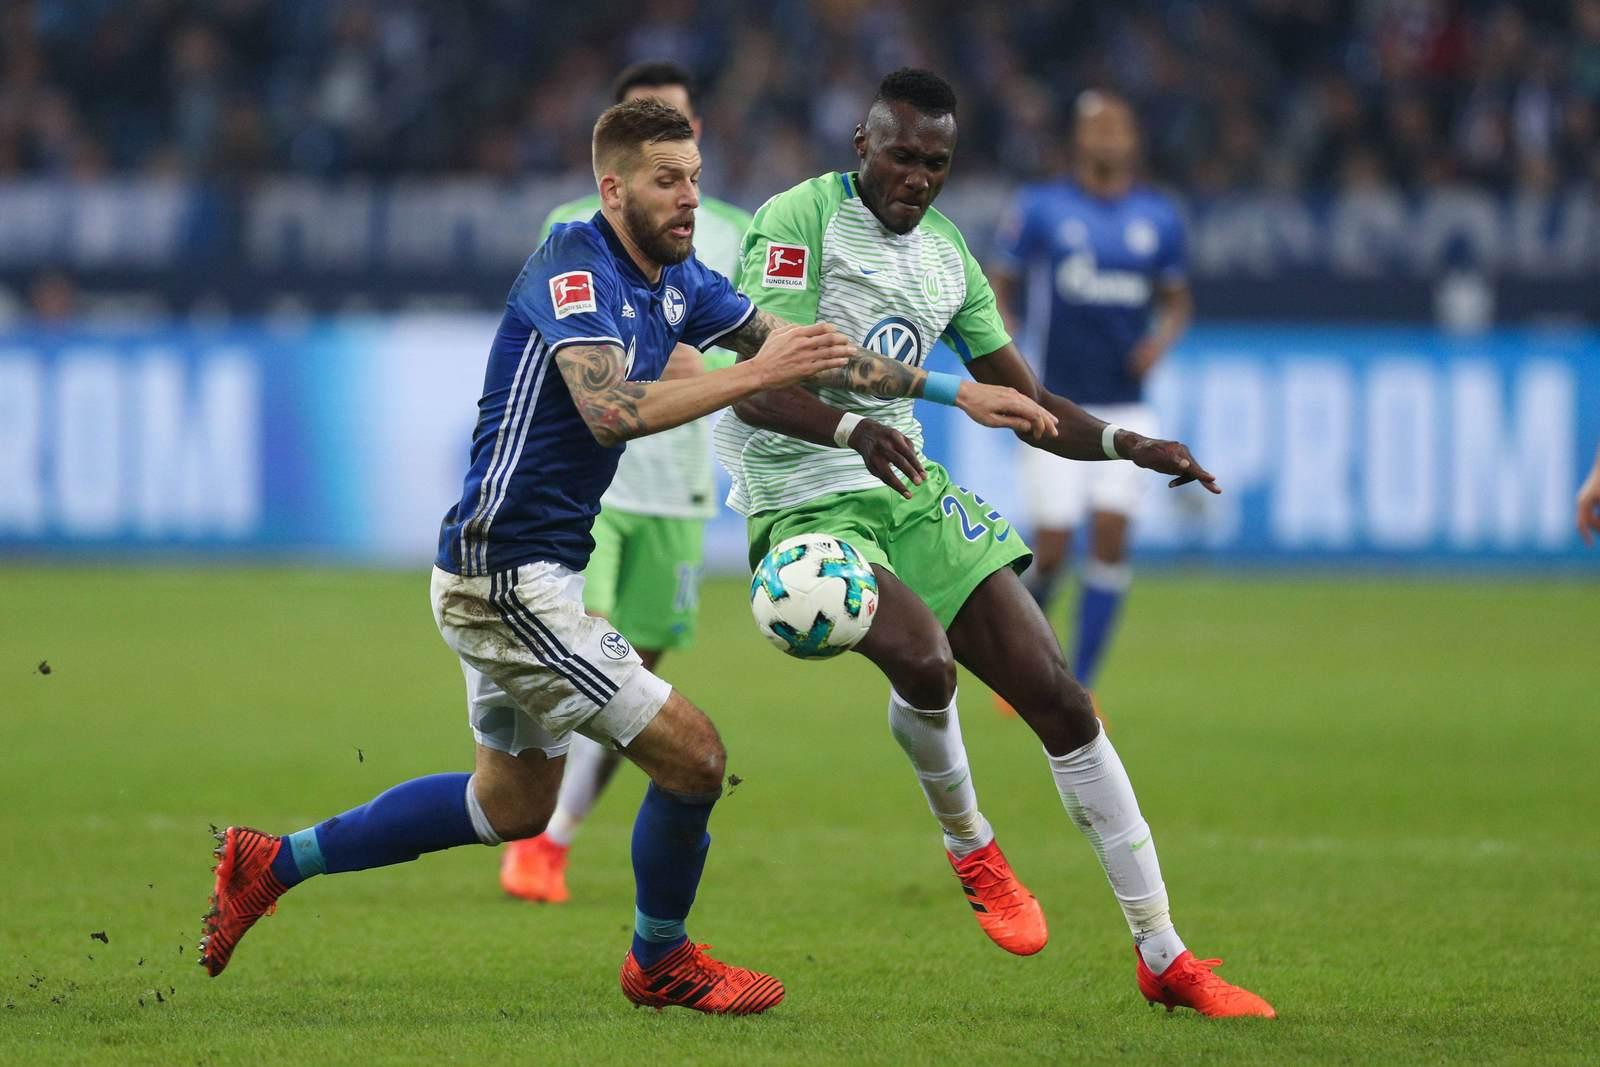 Setzt sich Burgstaller gegen Guilavogui durch? Jetzt auf Schalke gegen Wolfsburg wetten